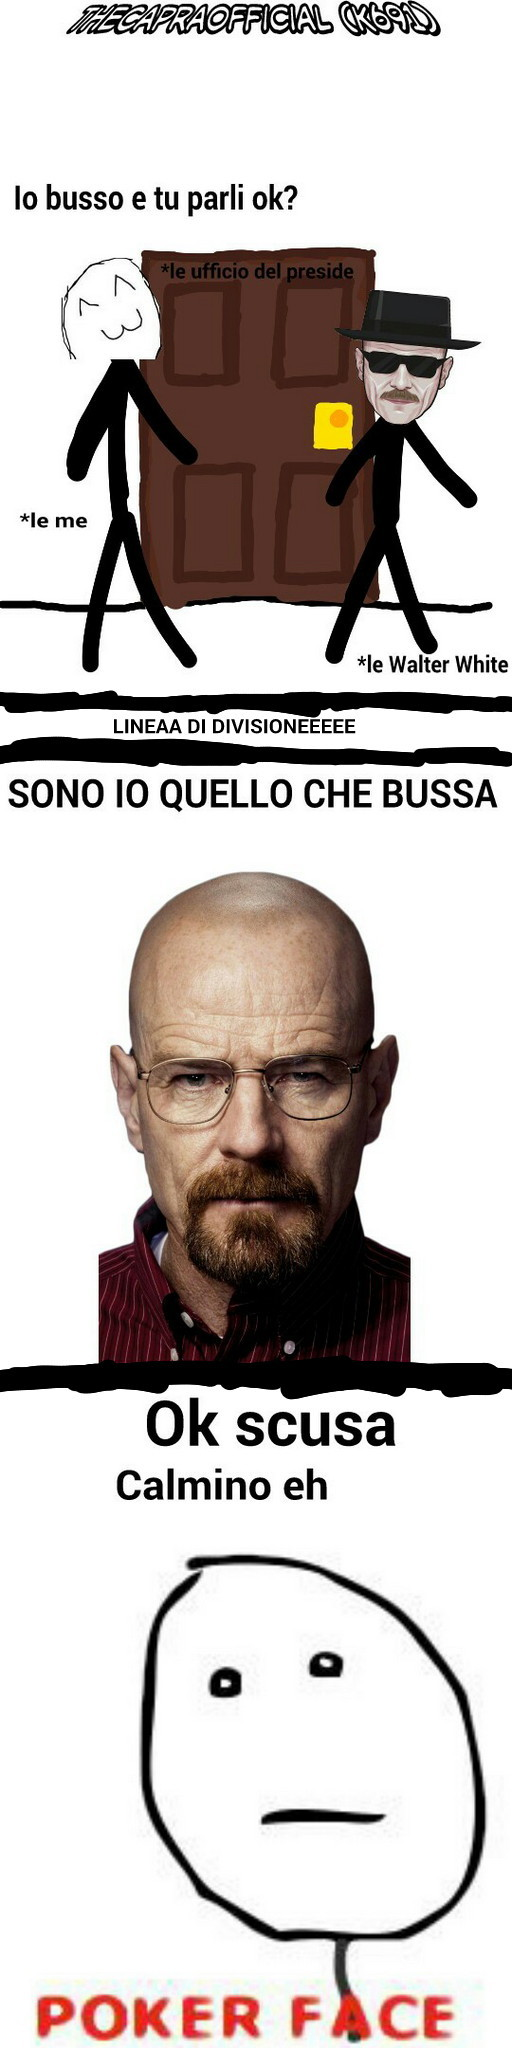 """Eh sono invecchiato LOL ICSDI - la traduzione della frase """"i am the one who knocks"""" viene malissima #fregacazzi - meme"""